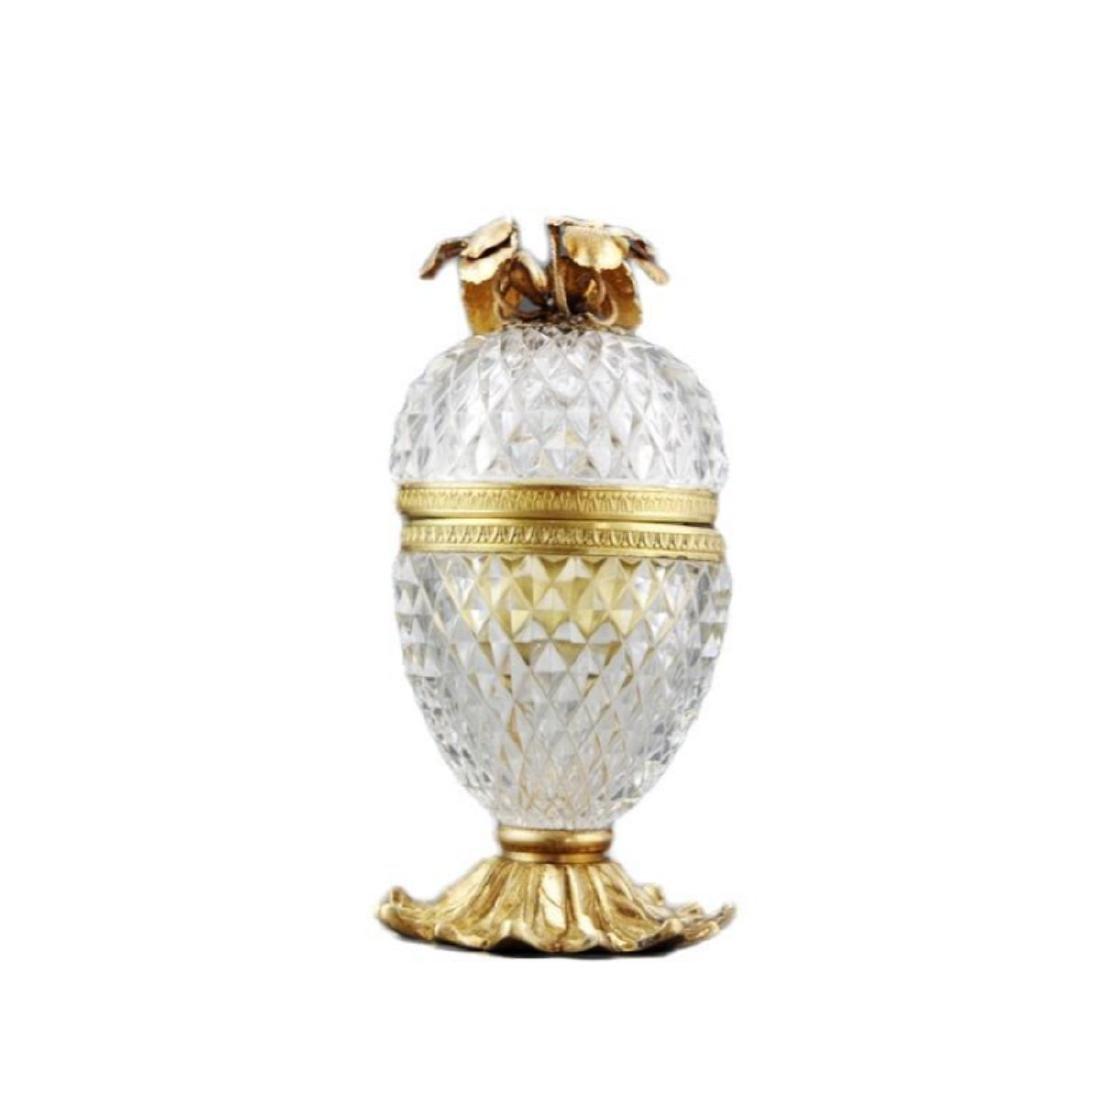 French Cut Crystal Jewel Casket Trinket Box